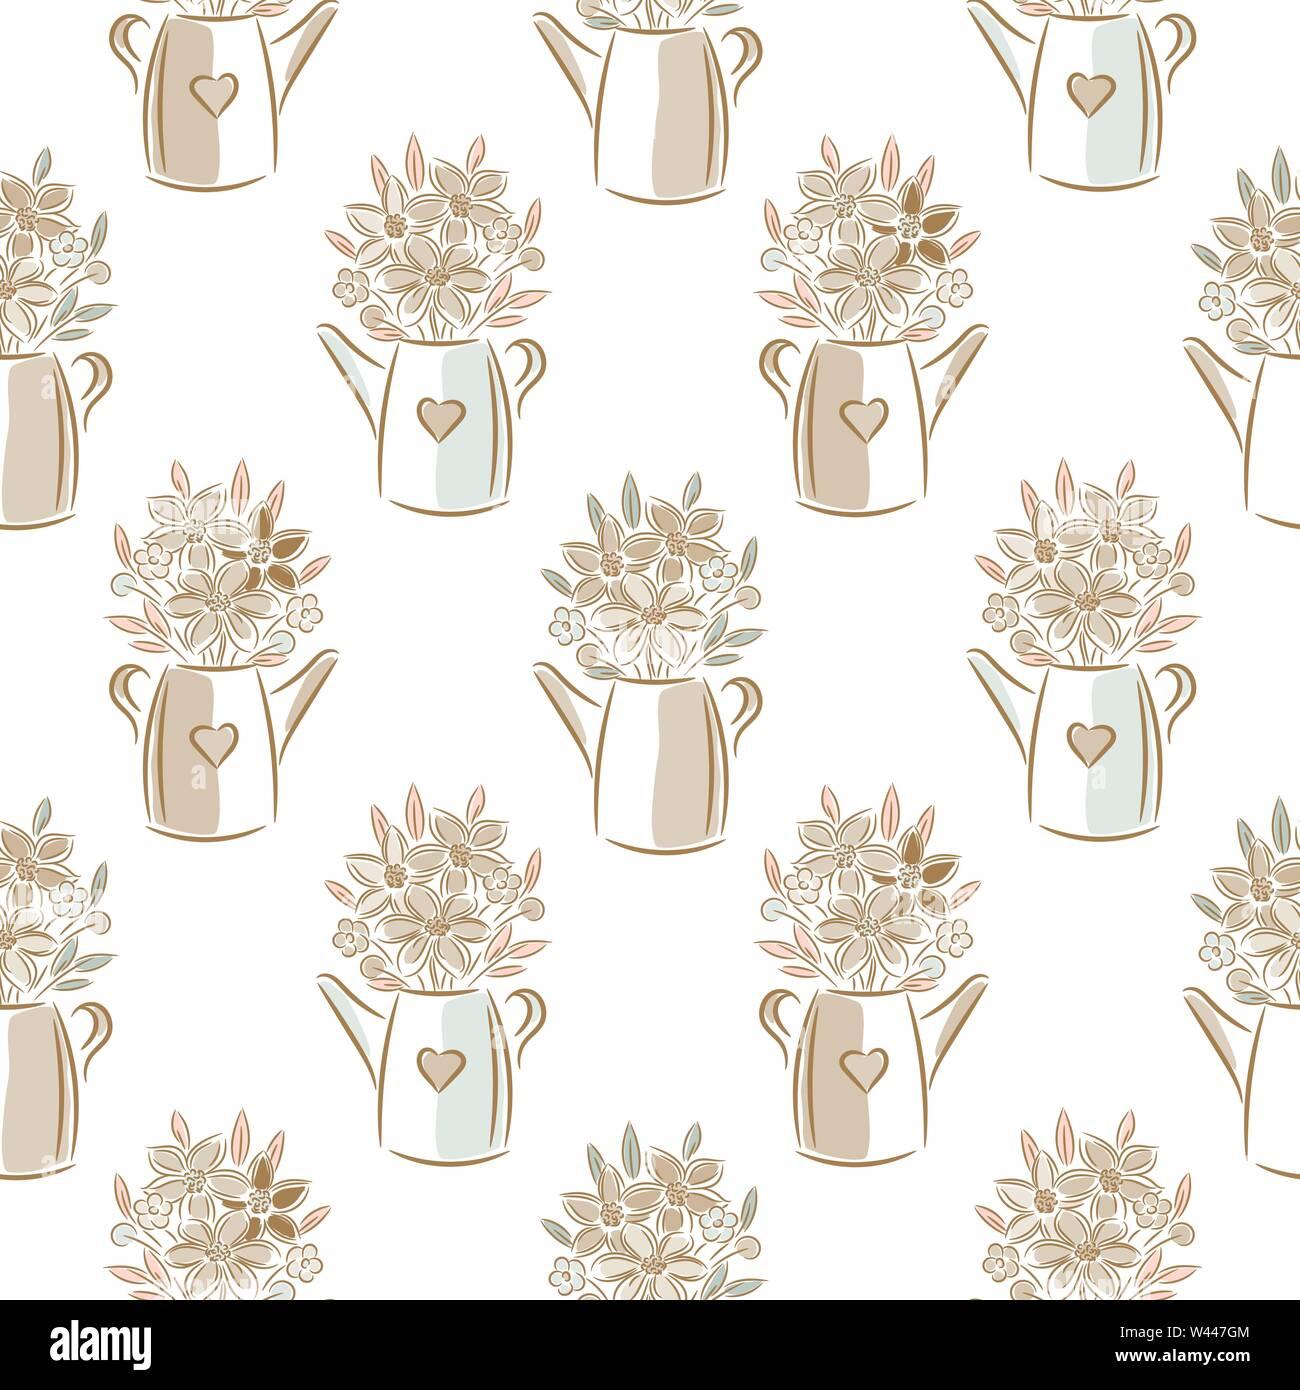 Flores en colores beige regaderas seamless vector patrón. Imagen De Stock